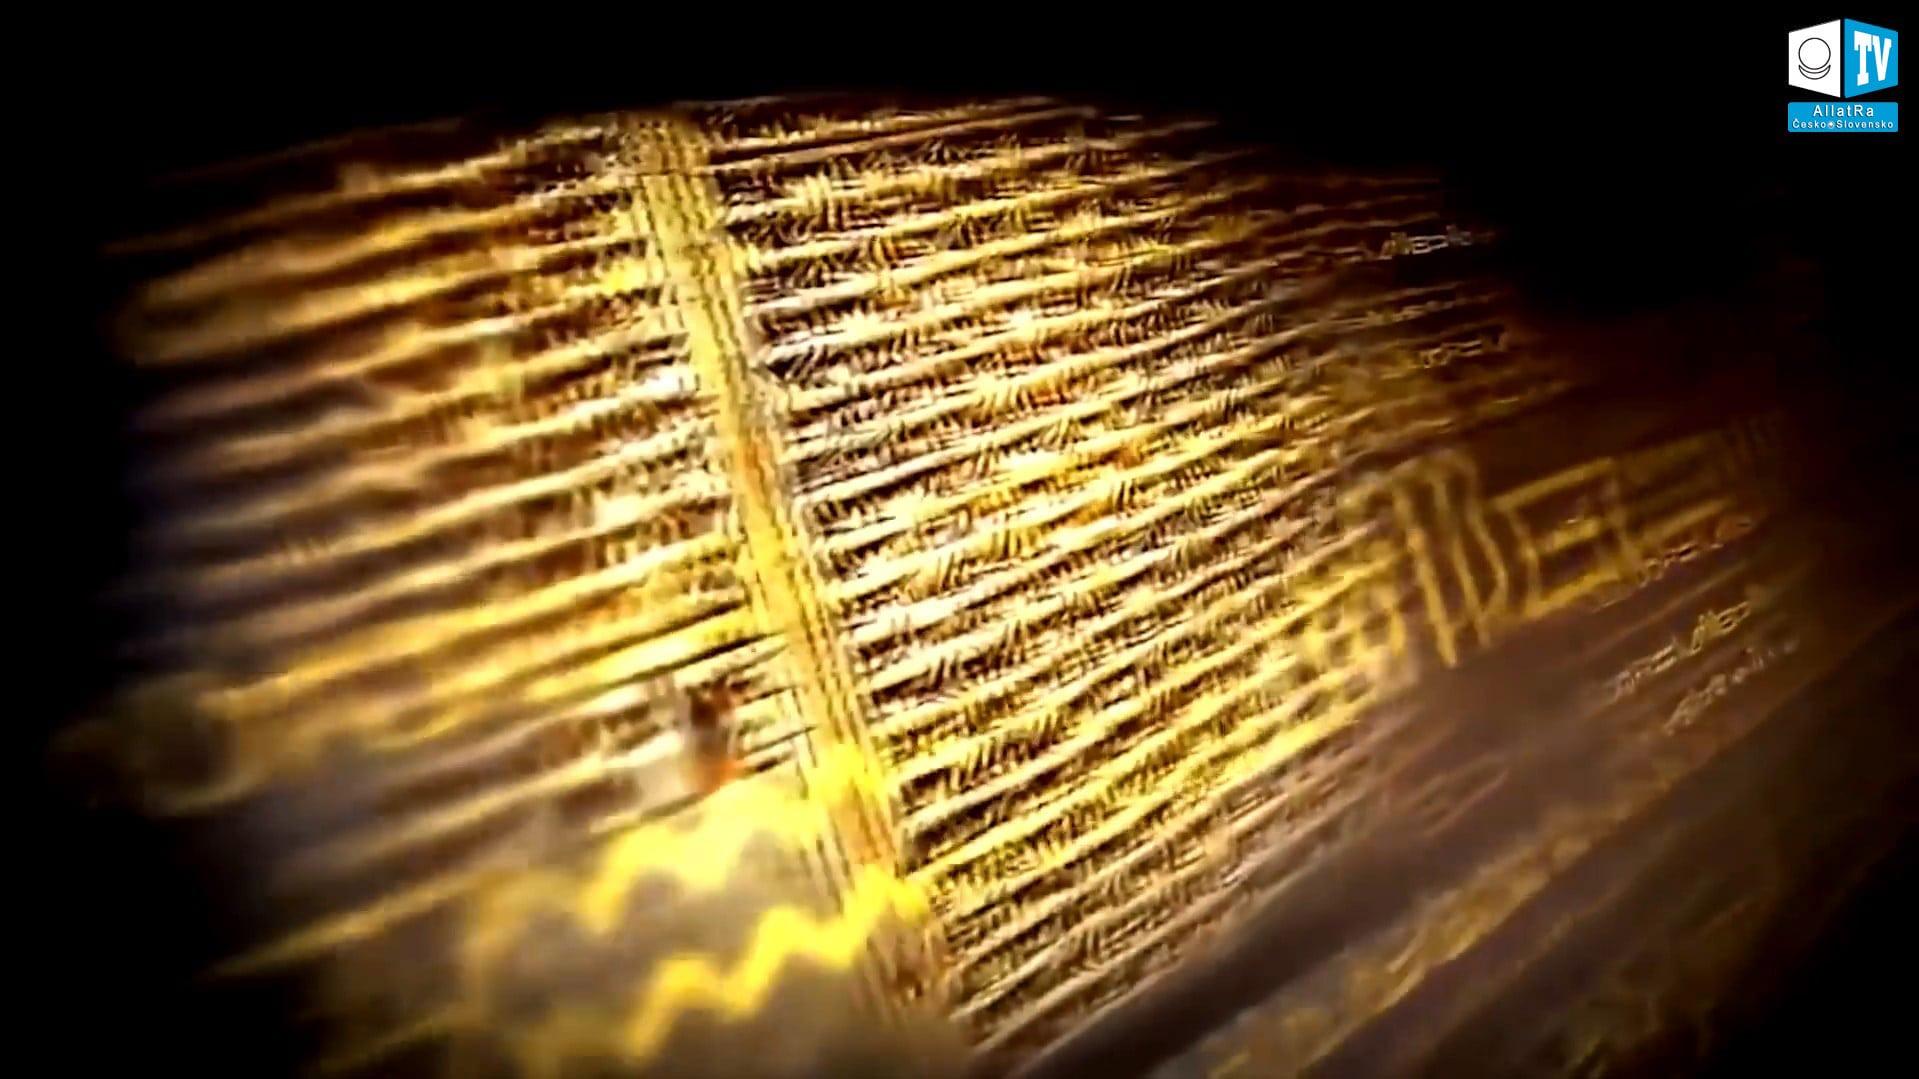 Tabulky - výroční zprávy ve starověku. Foto